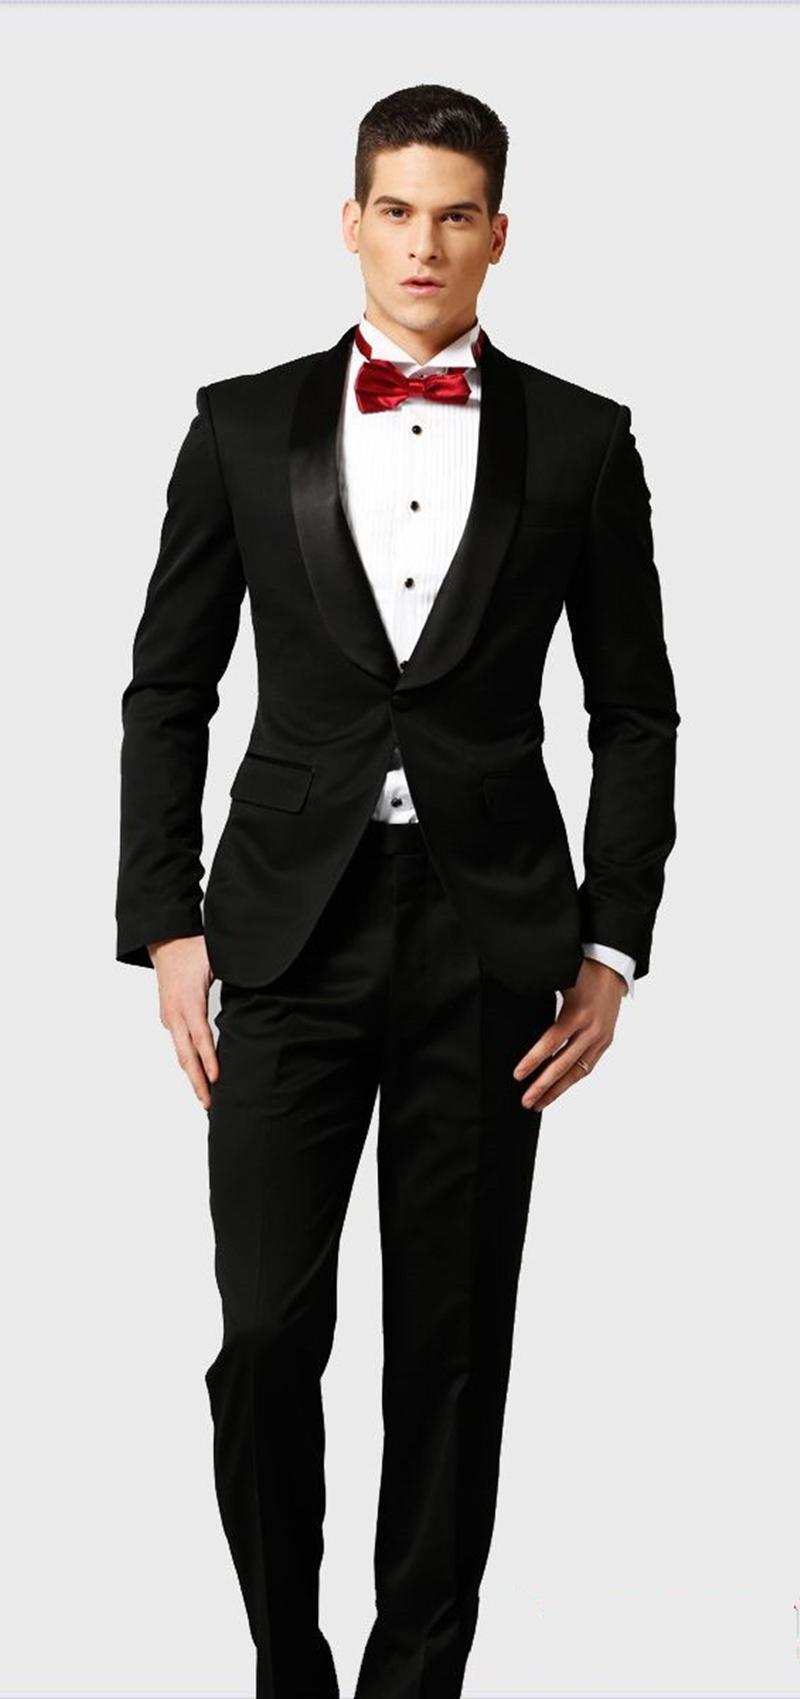 Классический шаль отворотом смокинги жениха свадьба мужчин костюмы мужские свадебные костюмы смокинг костюмы де вылить Hommes мужчин (куртка + брюки + галстук) Y171